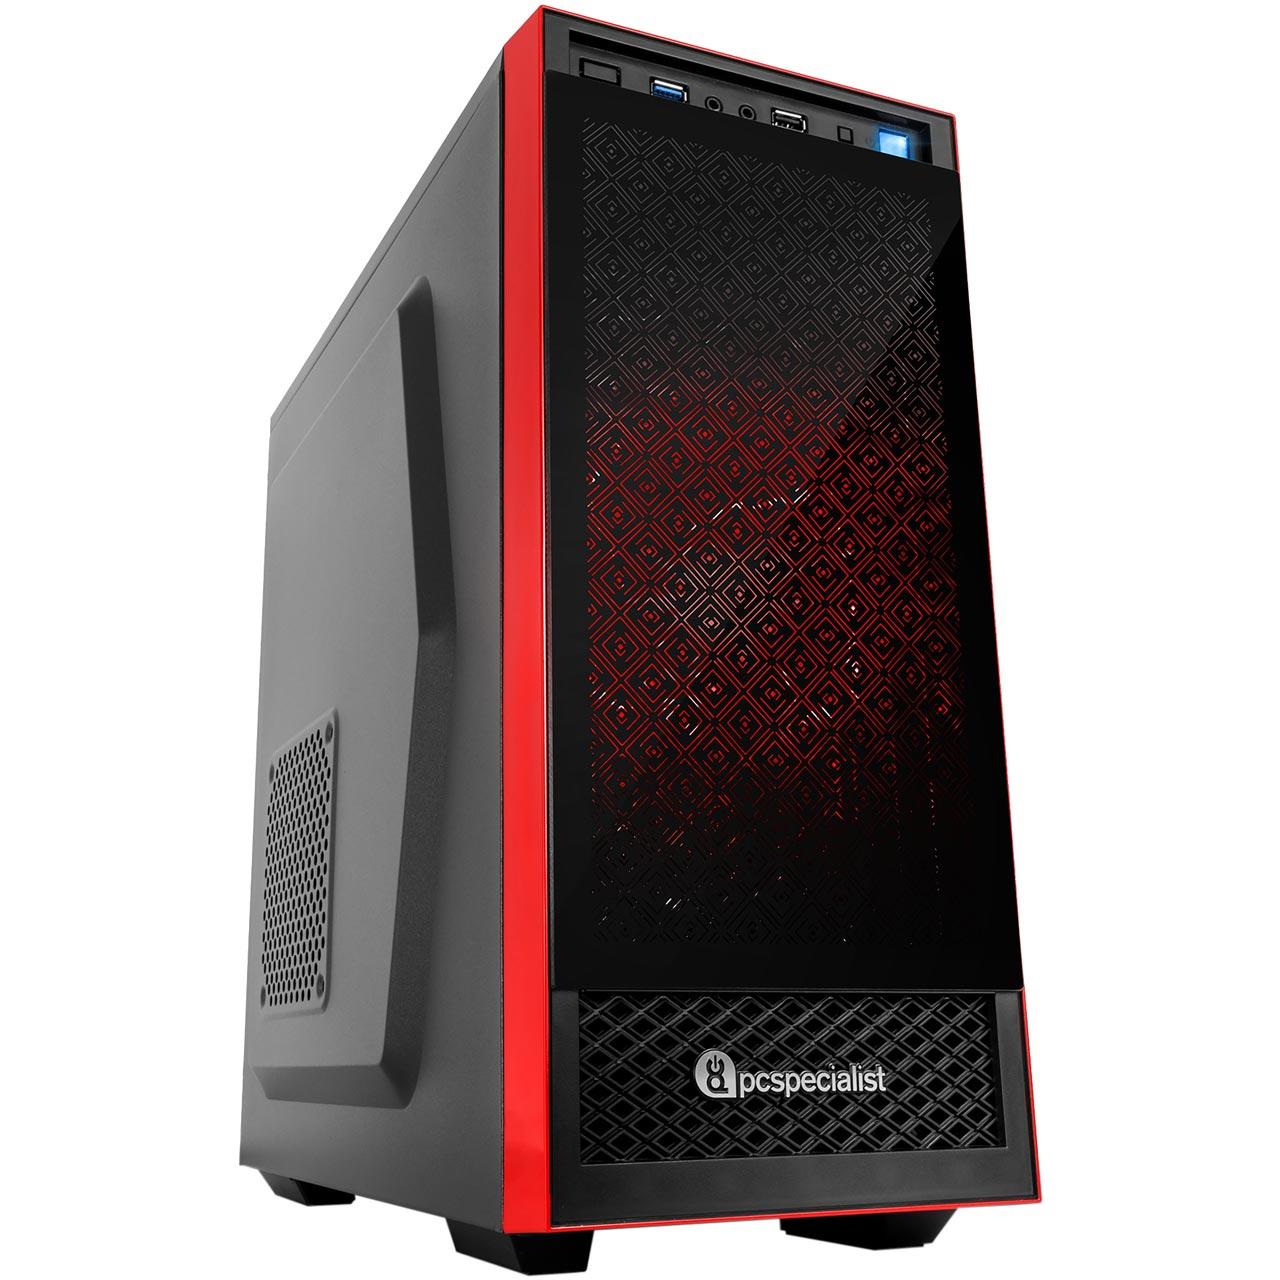 GTX 1050, AMD X4 860K (3.7GHZ Quadcore), 8GB Ram - £429 @ ao.com